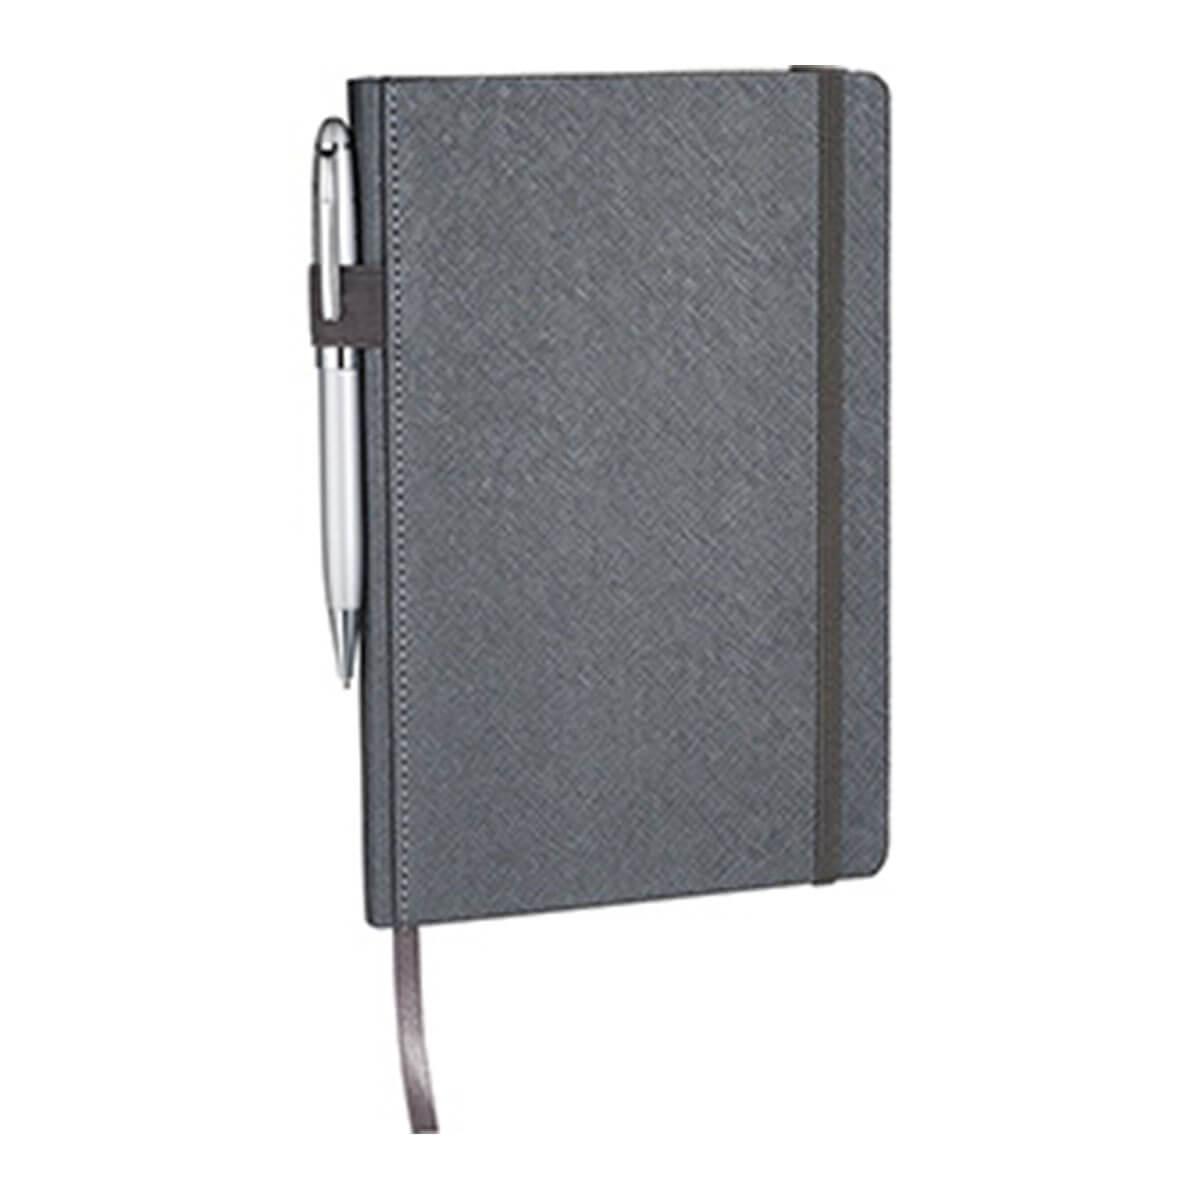 Modena Bound JournalBook-Gunmetal